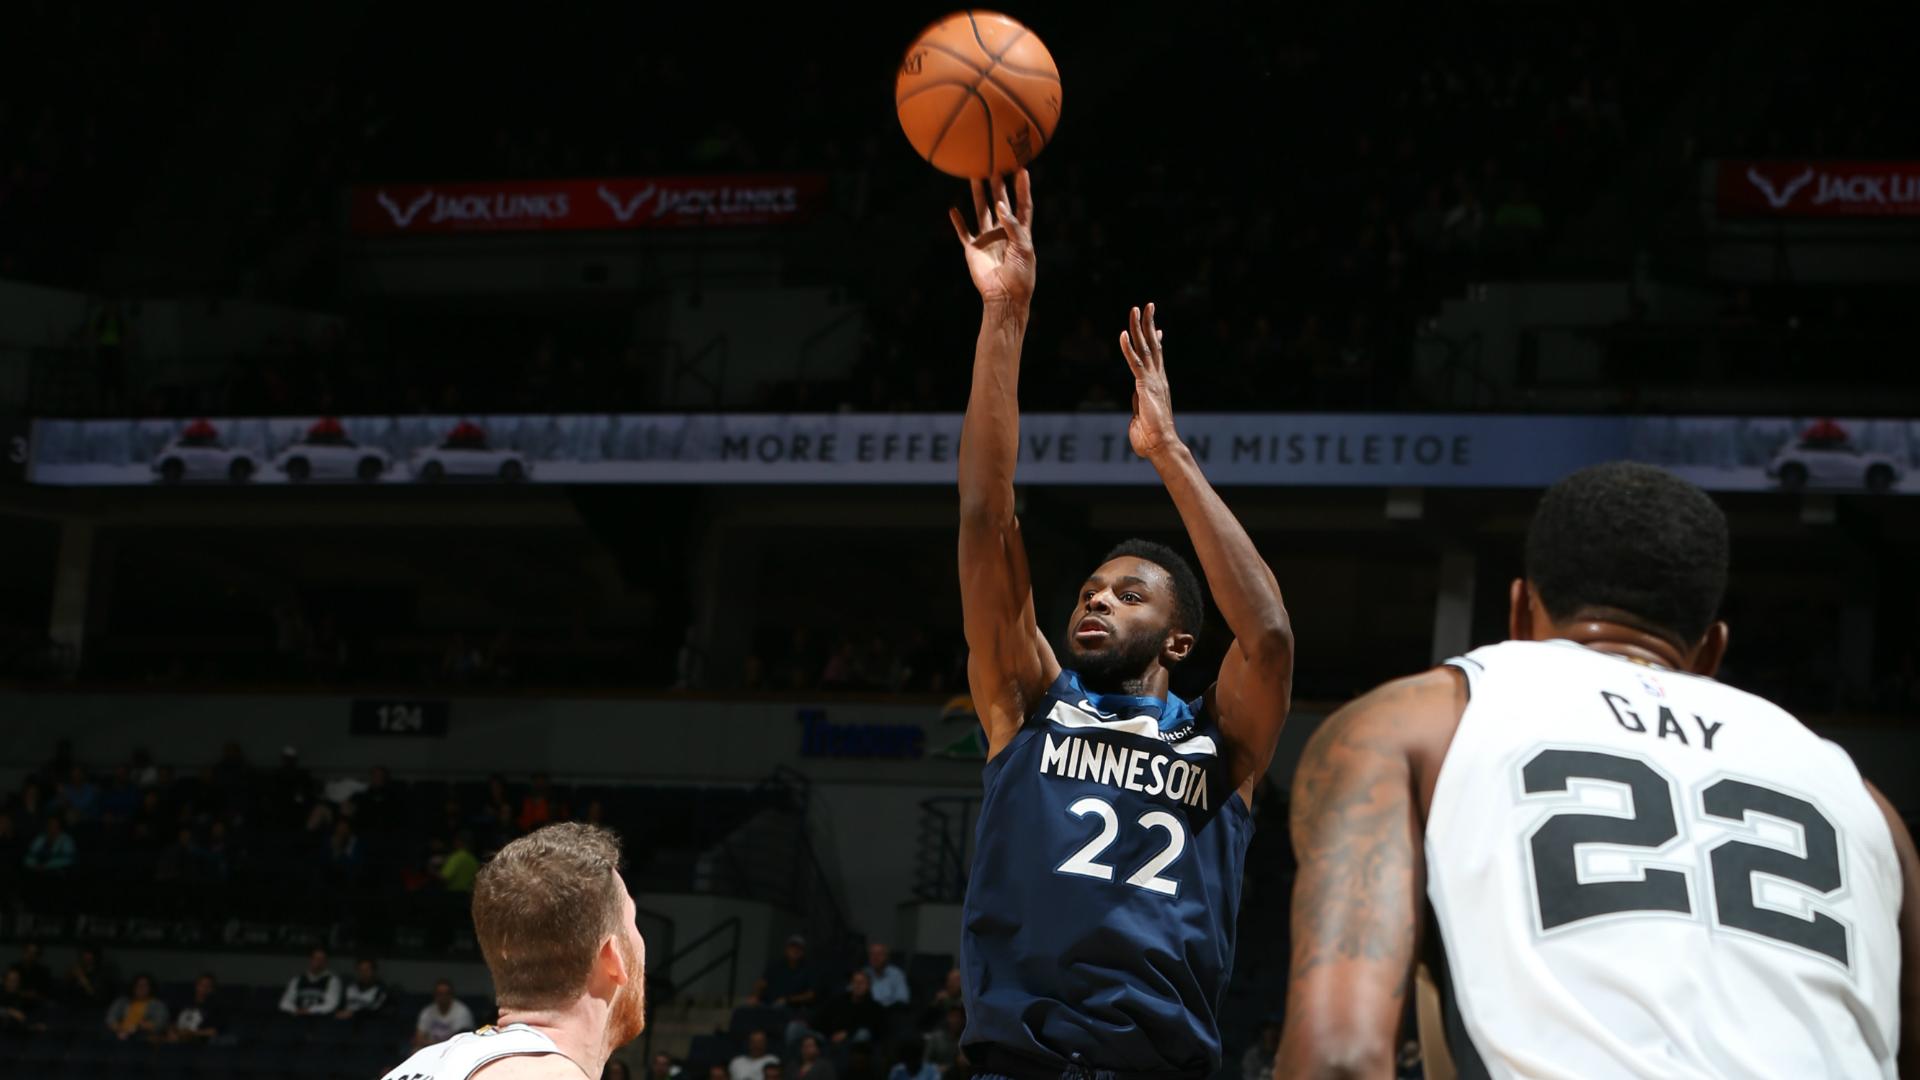 Andrew Wiggins tumba a los San Antonio Spurs y alarga una racha estelar: 30 puntos - NBA ES